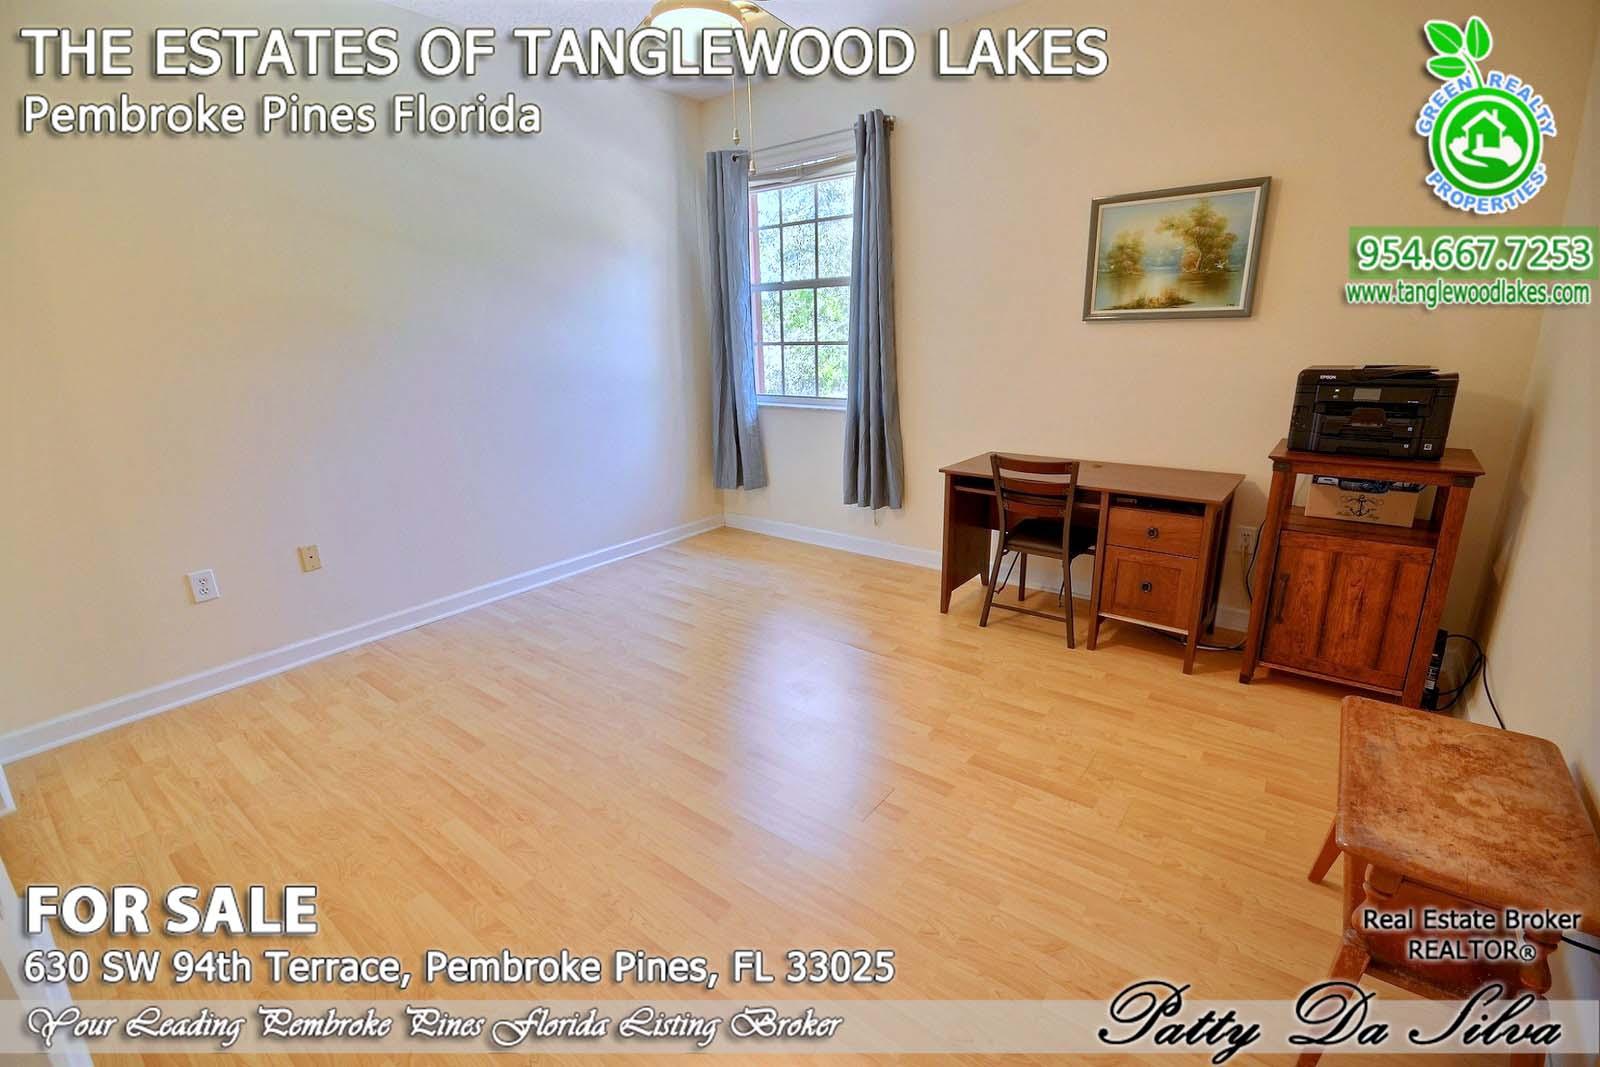 Green Realty Realtors Sell Tanglewood Lakes Homes